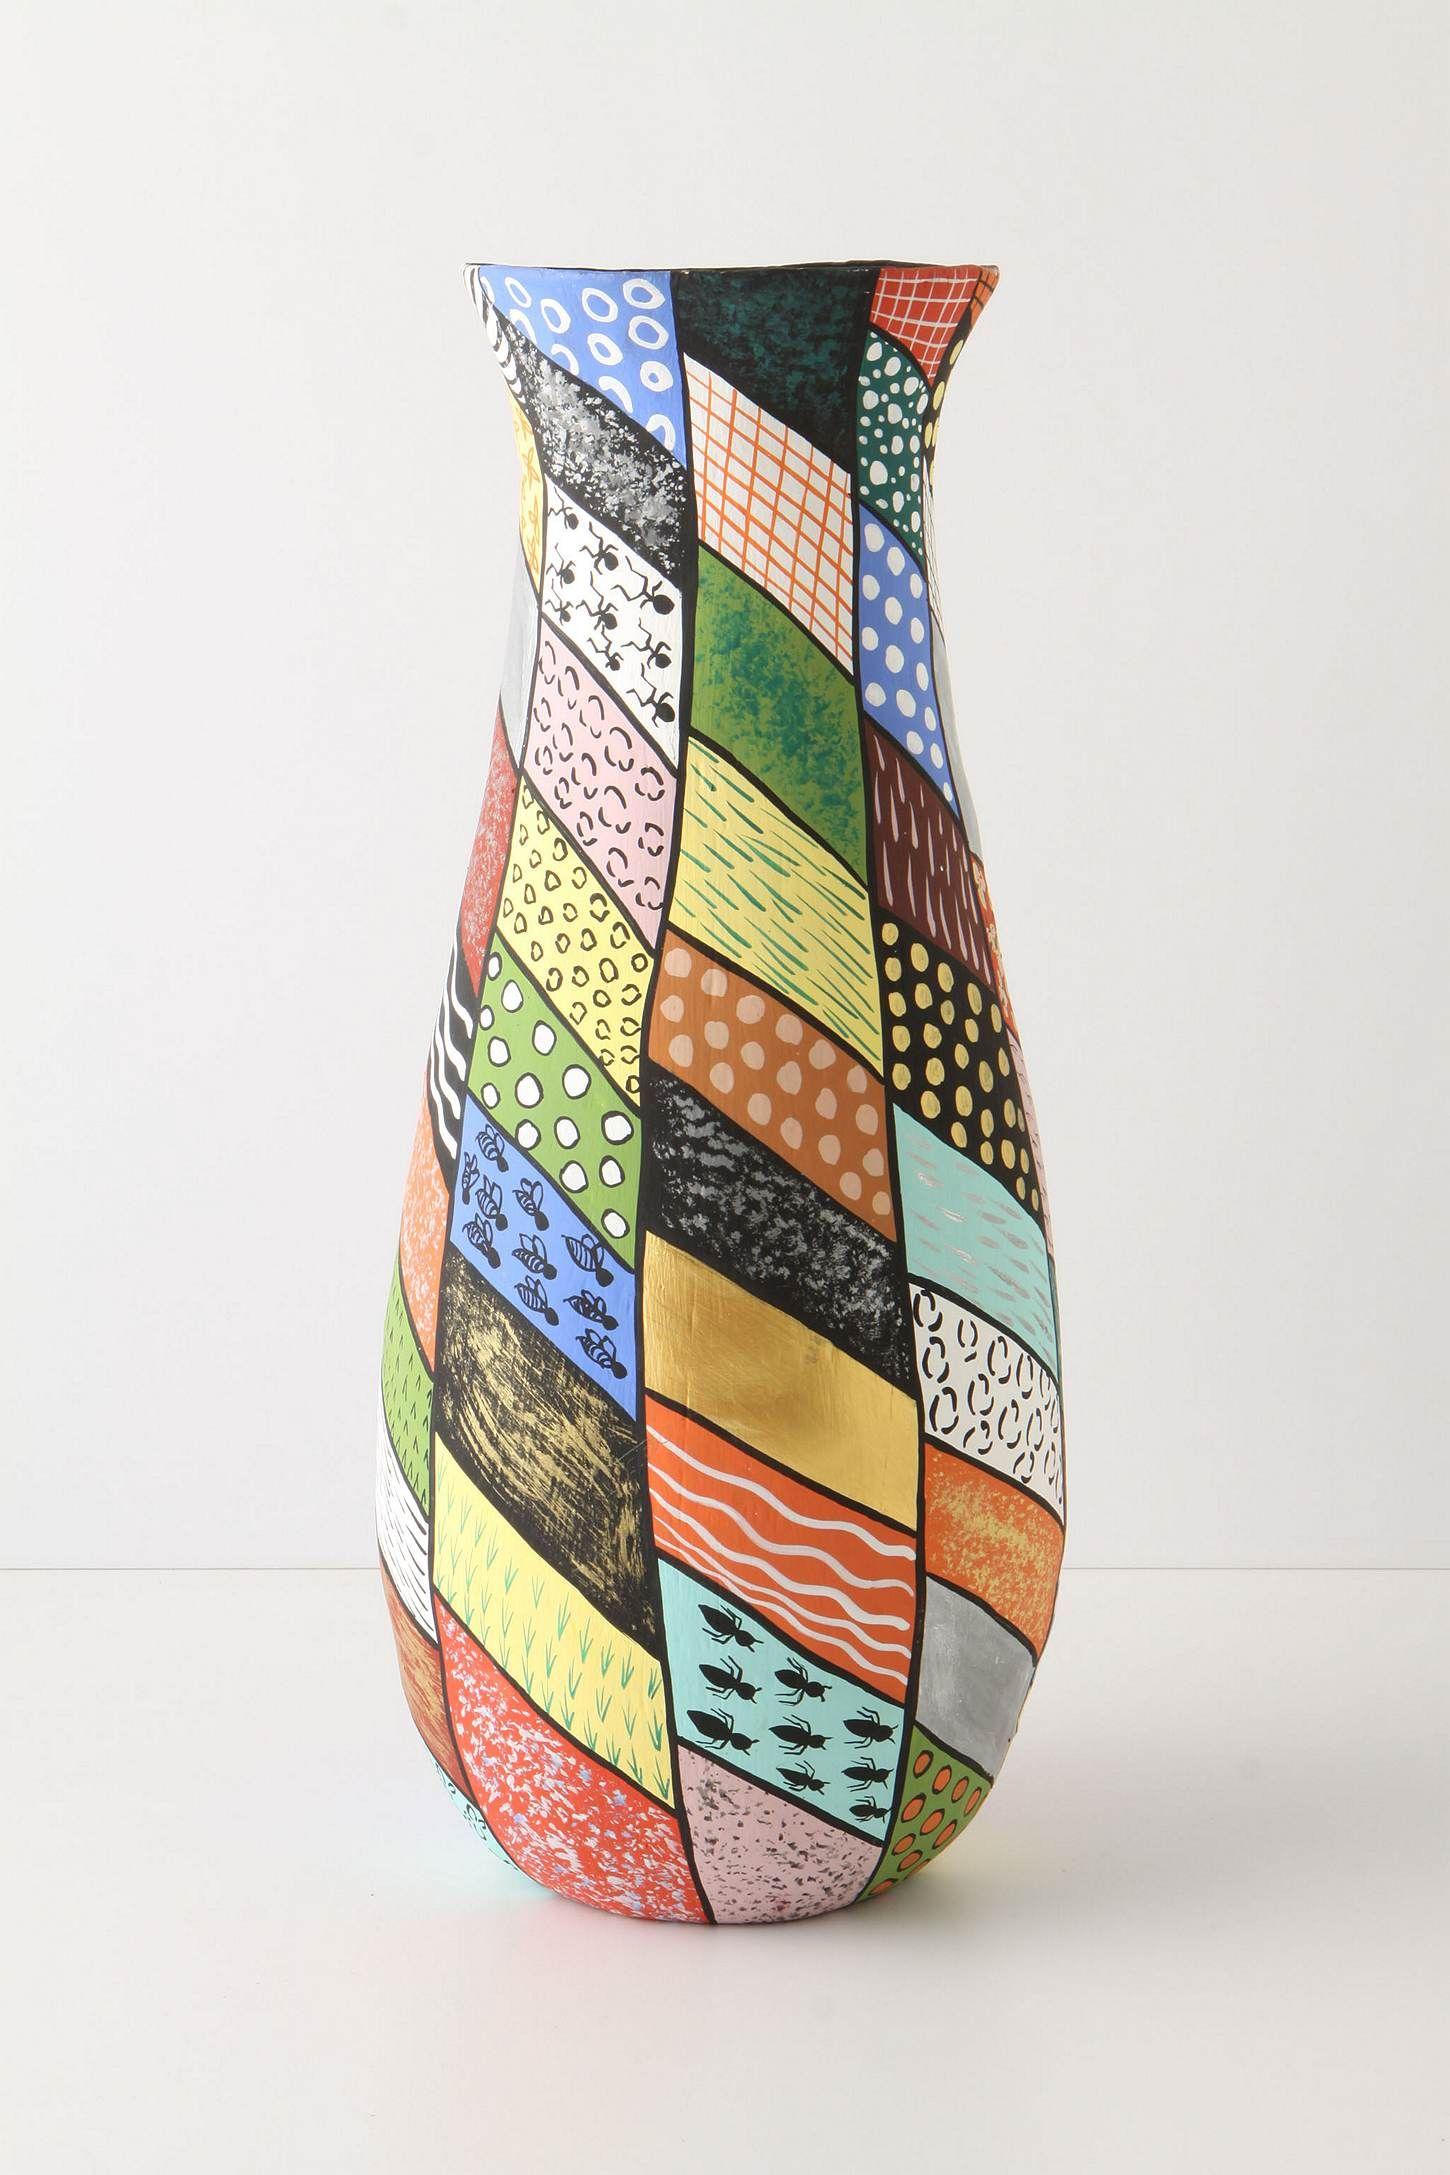 Pepe vase brilliant papier mache vase made in jacmel haiti for pepe vase brilliant papier mache vase made in jacmel haiti reviewsmspy